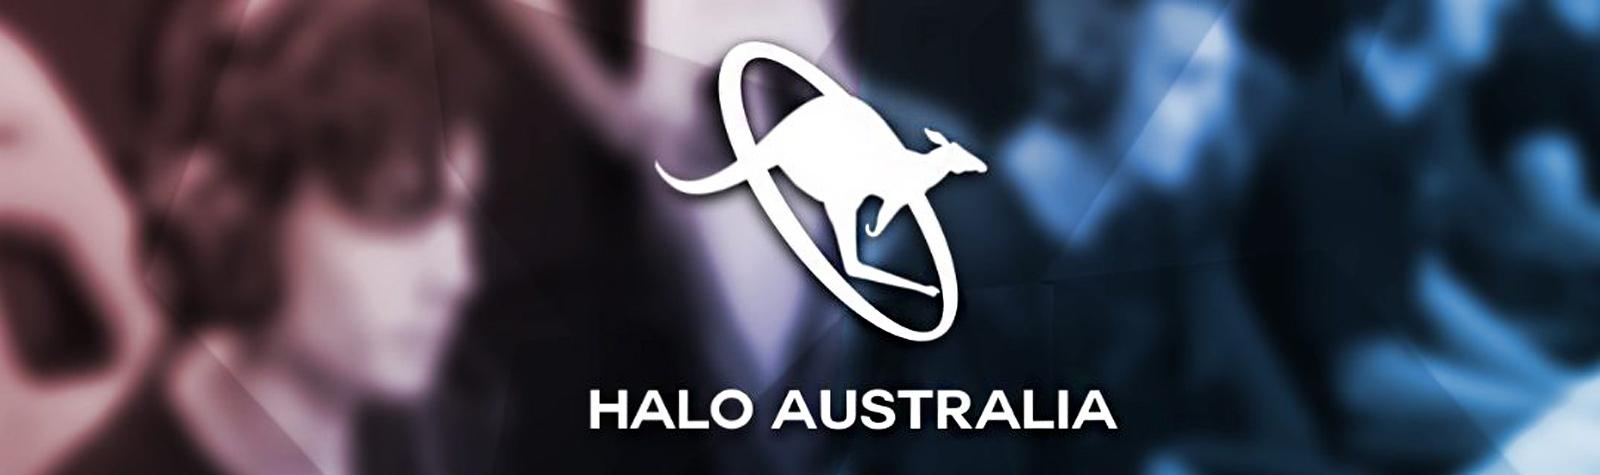 Melbourne Esports Open Halo 3 FFA Results